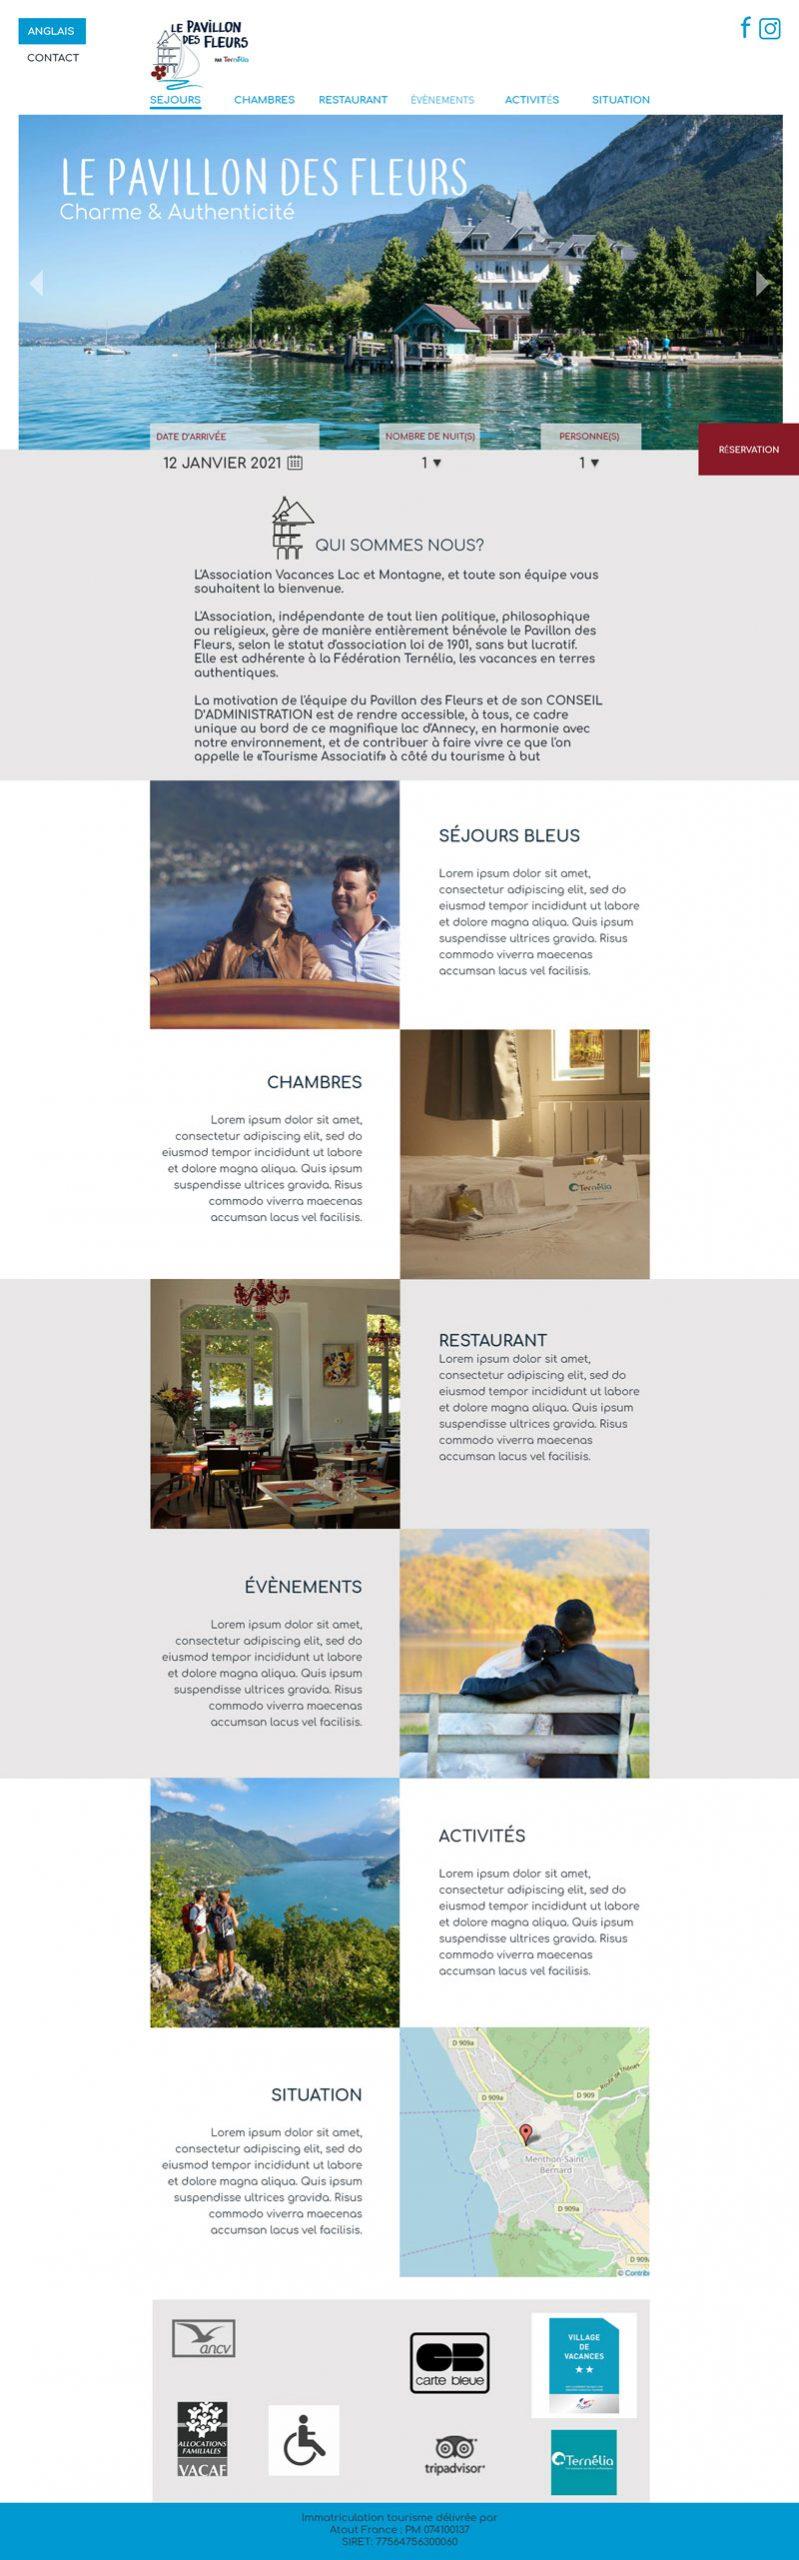 Maquette du site web le pavillon des fleurs, hôtel situé au bord du lac d'Annecy.